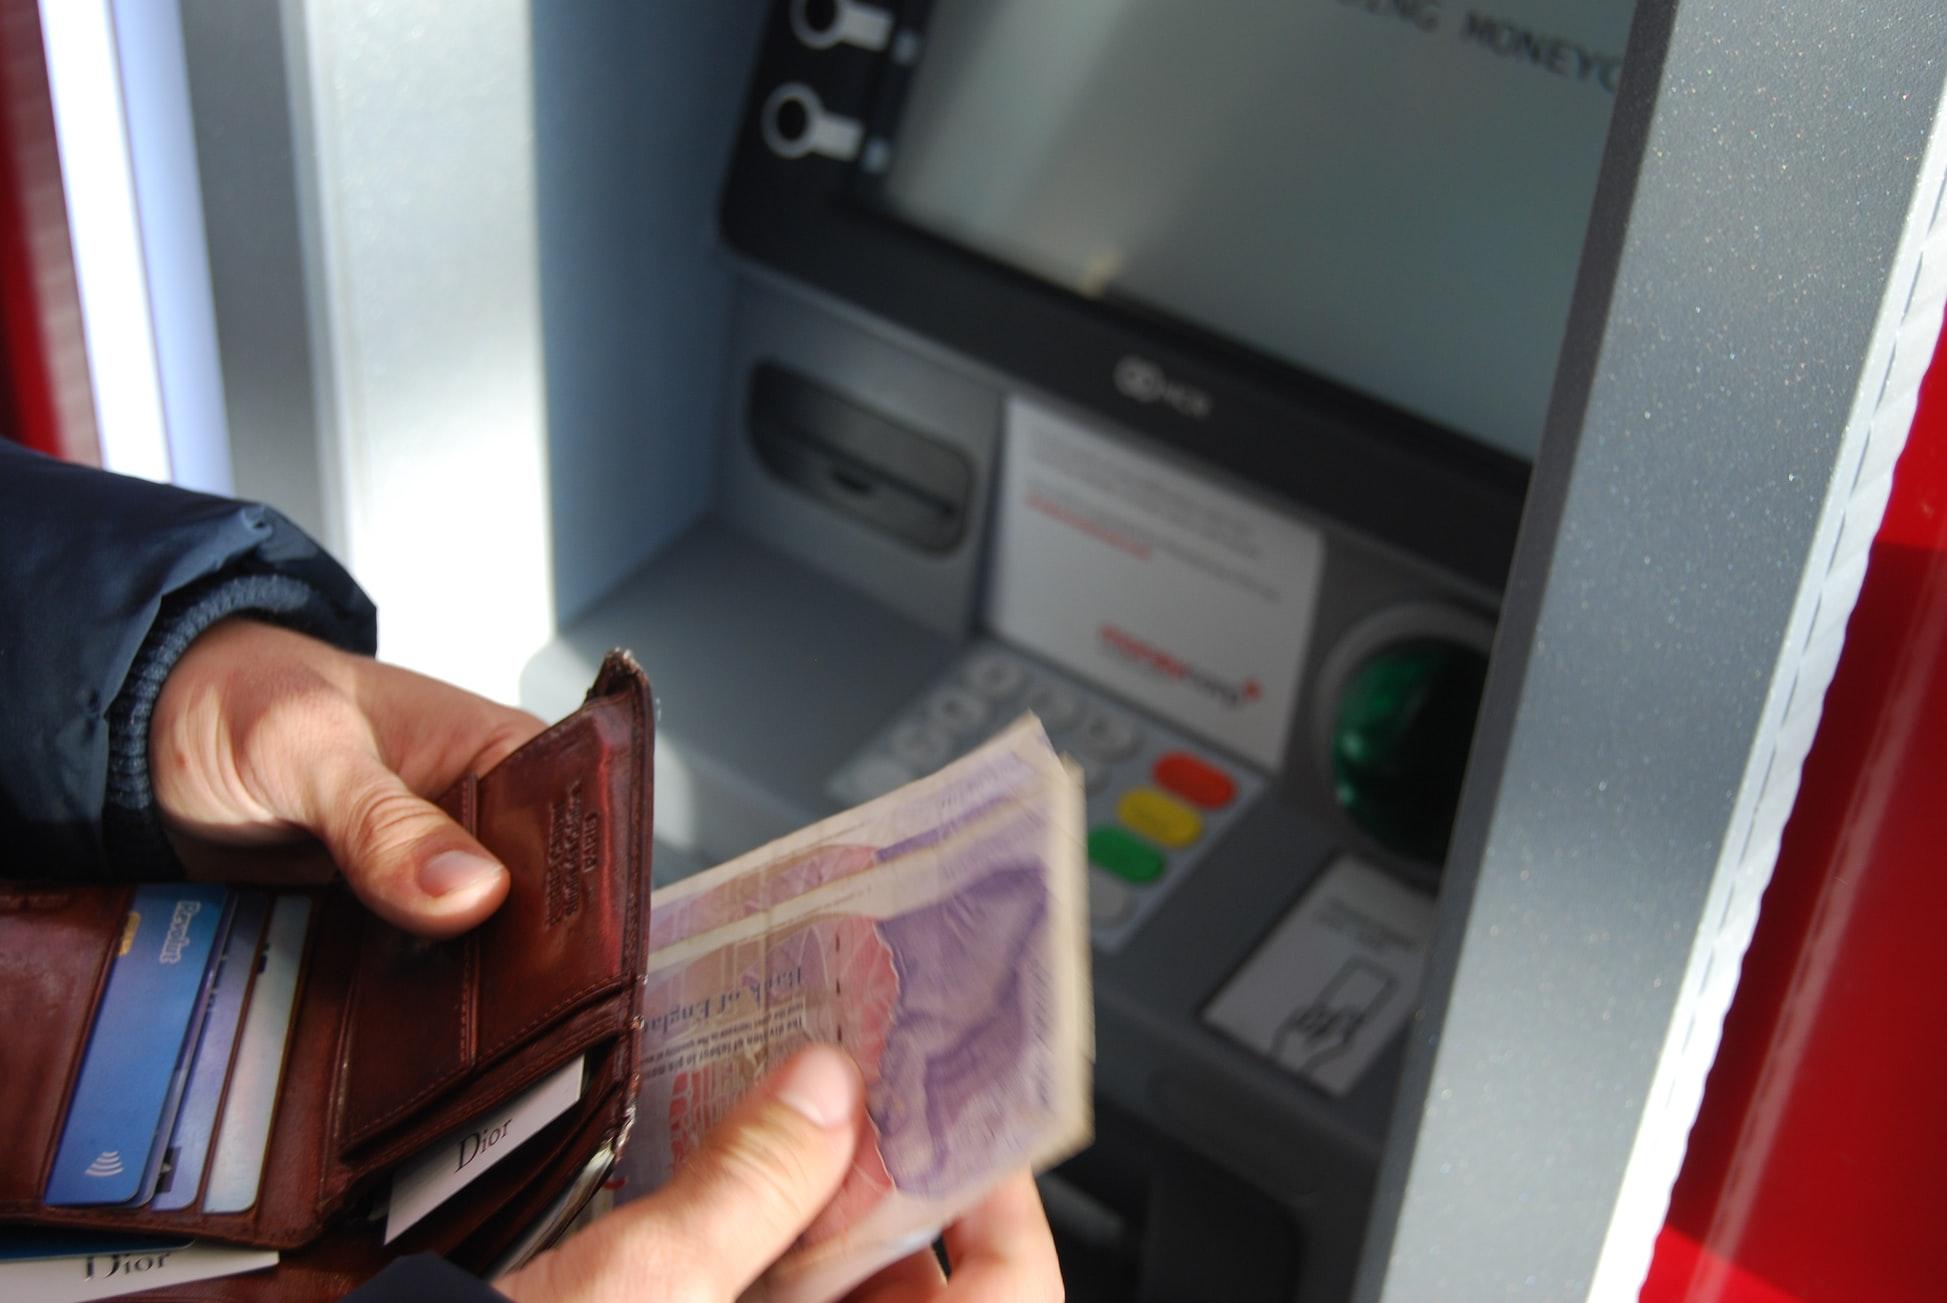 Banques en Ligne : 12 Questions et Réponses Surprenantes